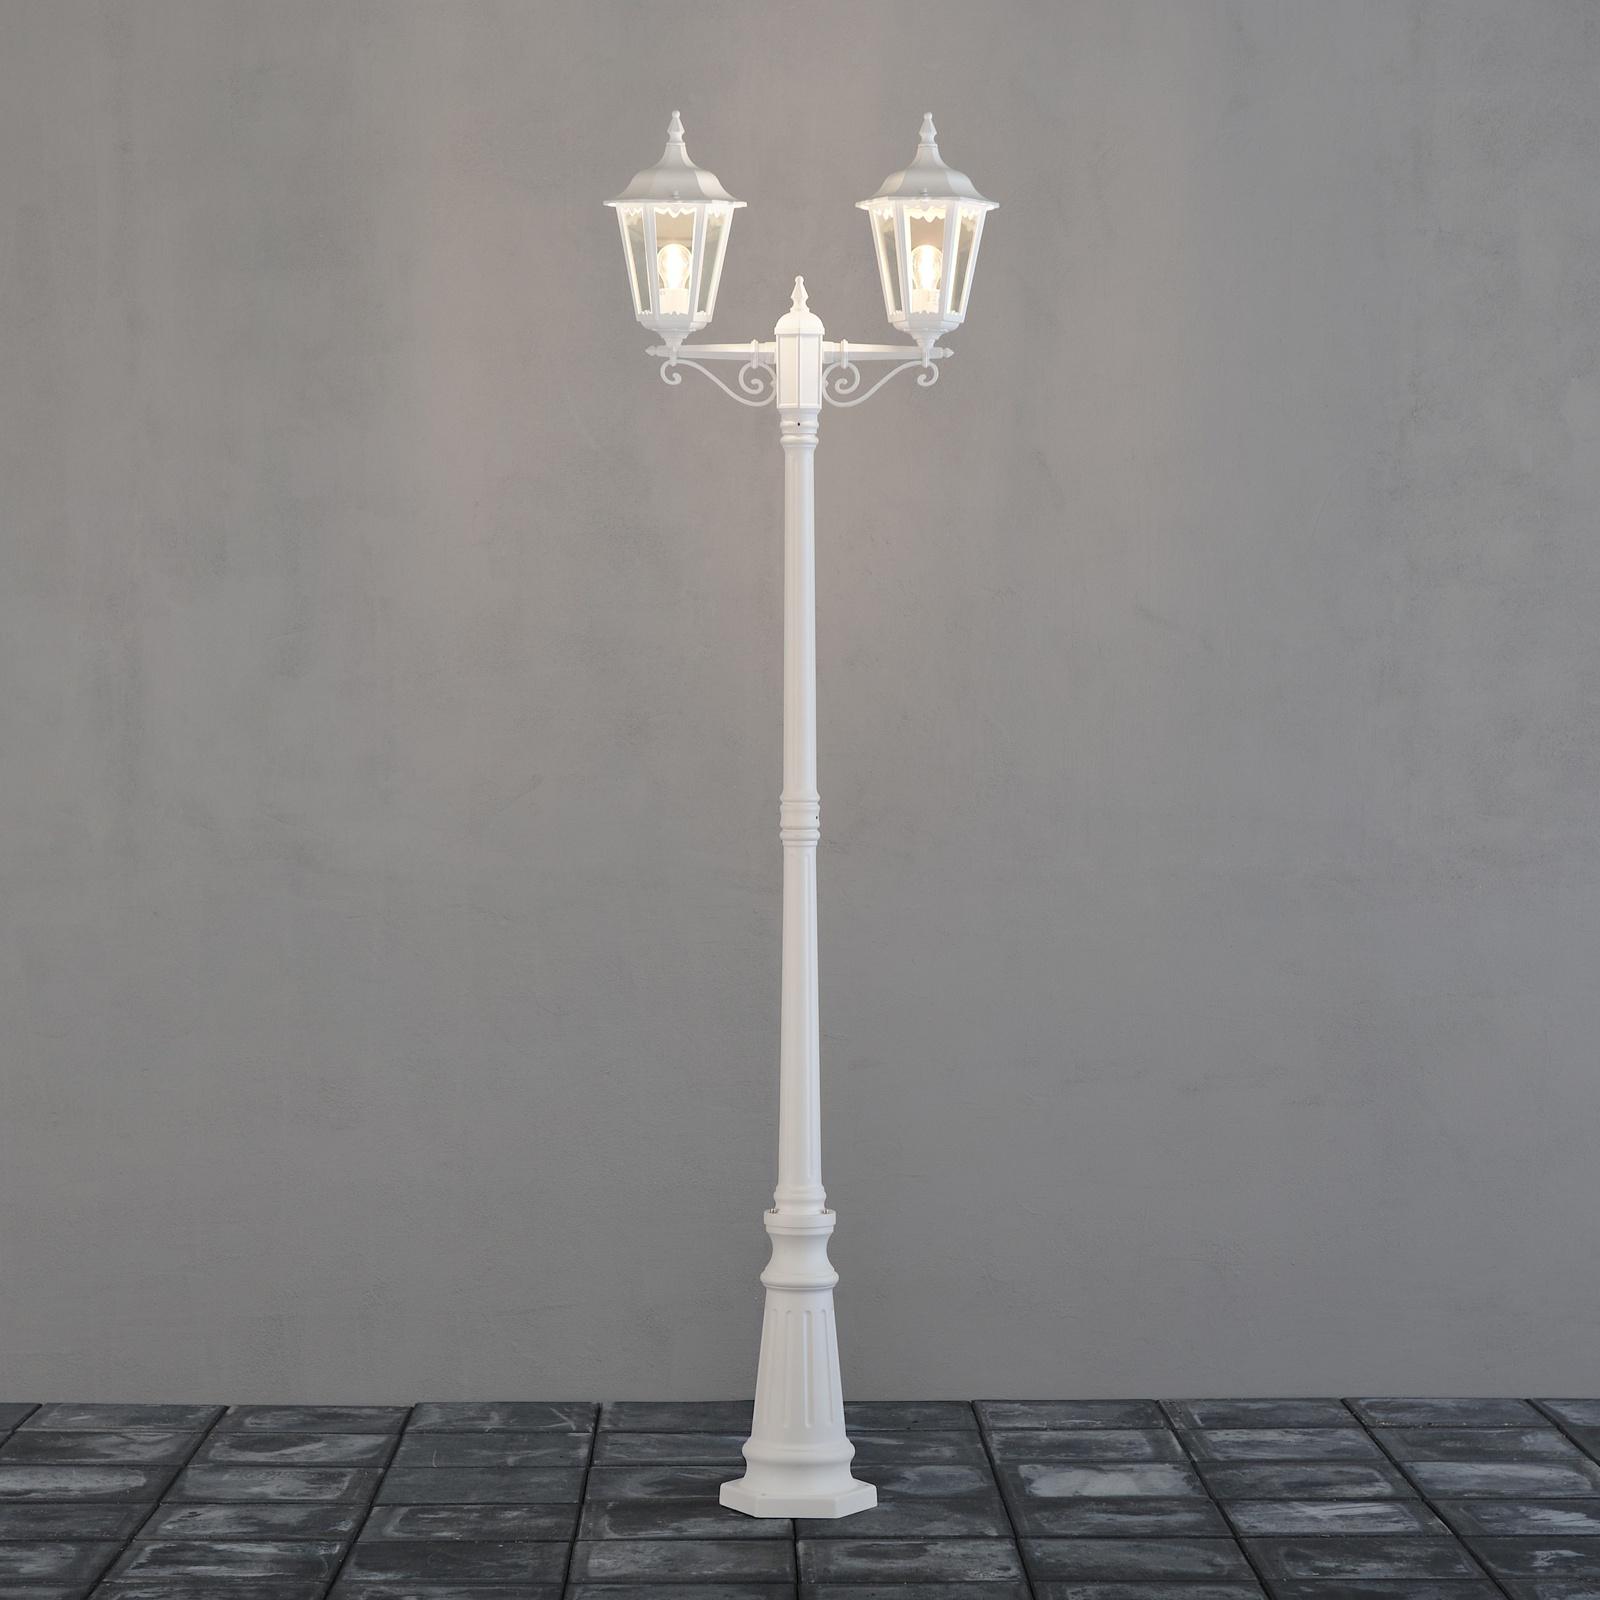 Pylväsvalaisin 7234-250 Firenze valkoinen 2-haarainen 2200 mm 4d5f1cb870